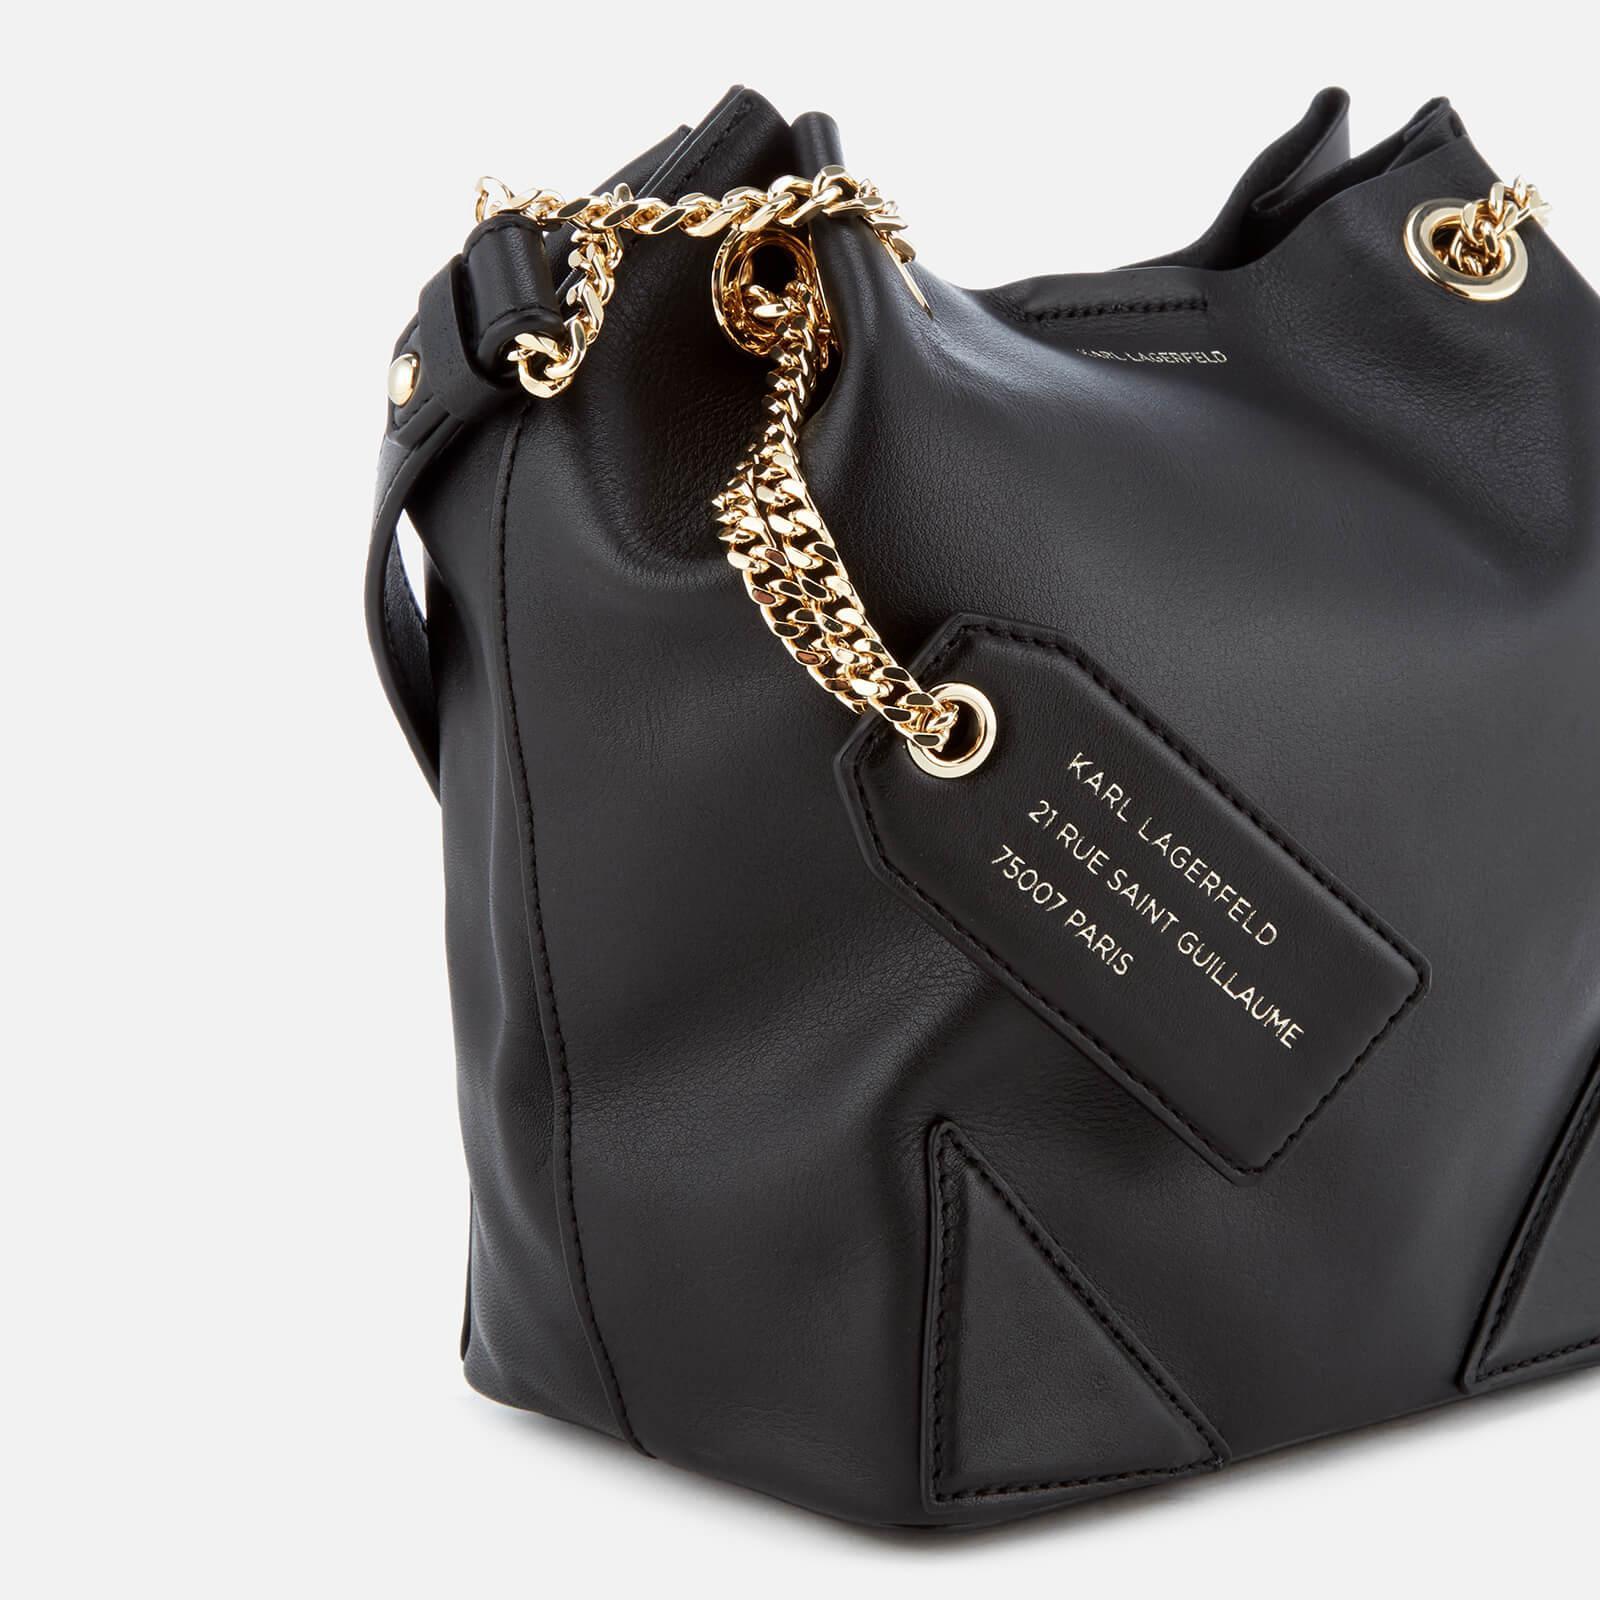 dd9026f32a Karl Lagerfeld K slouchy Small Drawstring Bag in Black - Lyst